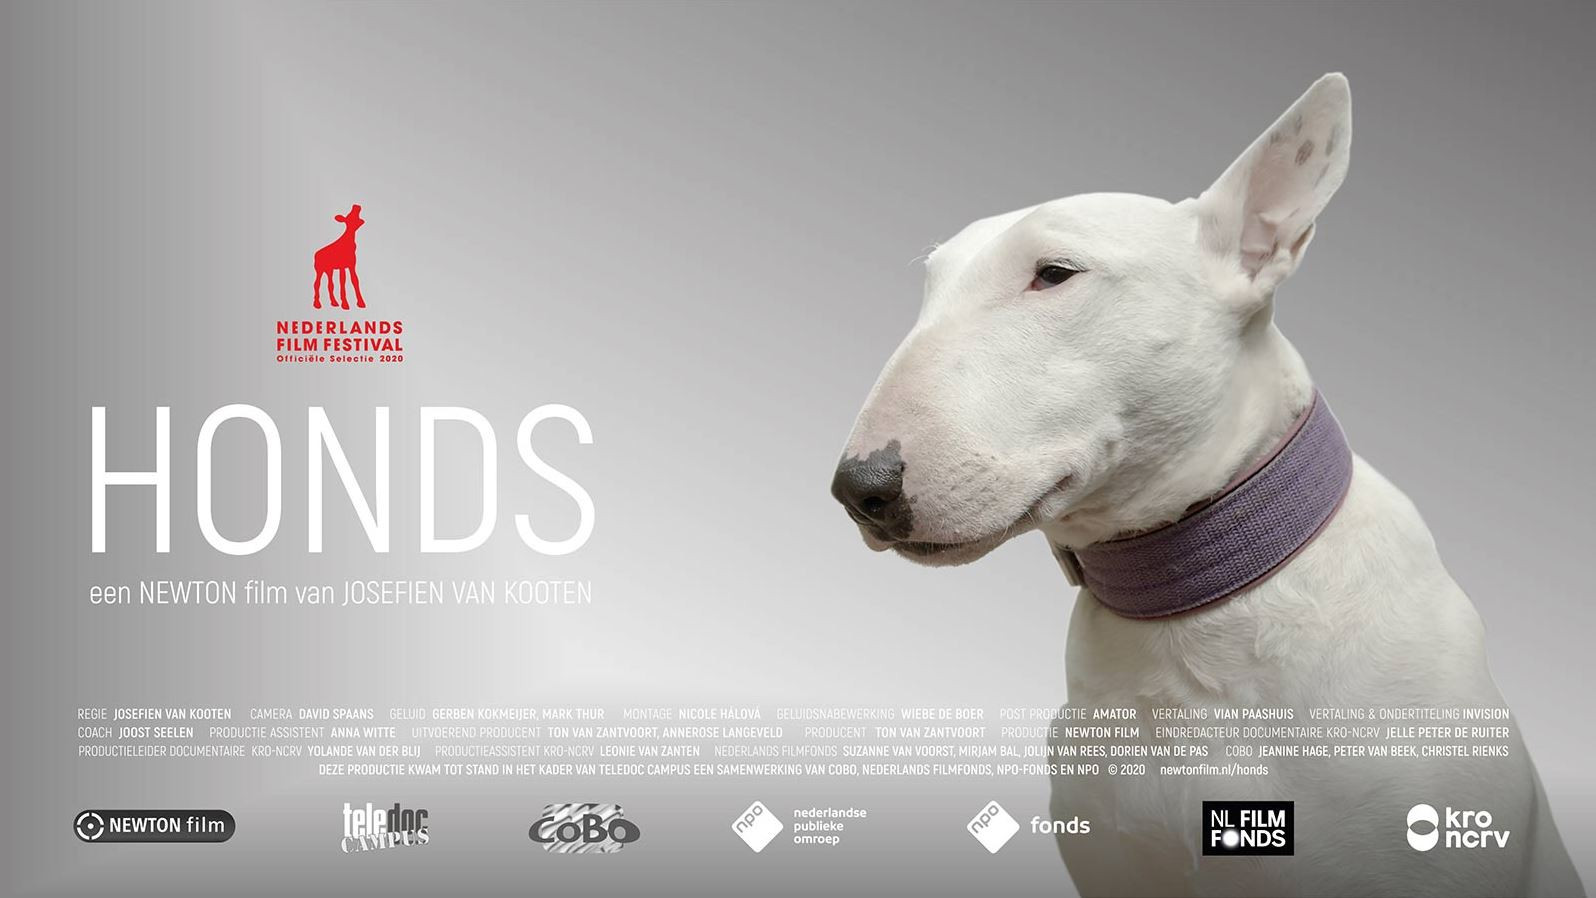 Honds, film van Josefien van Kooten